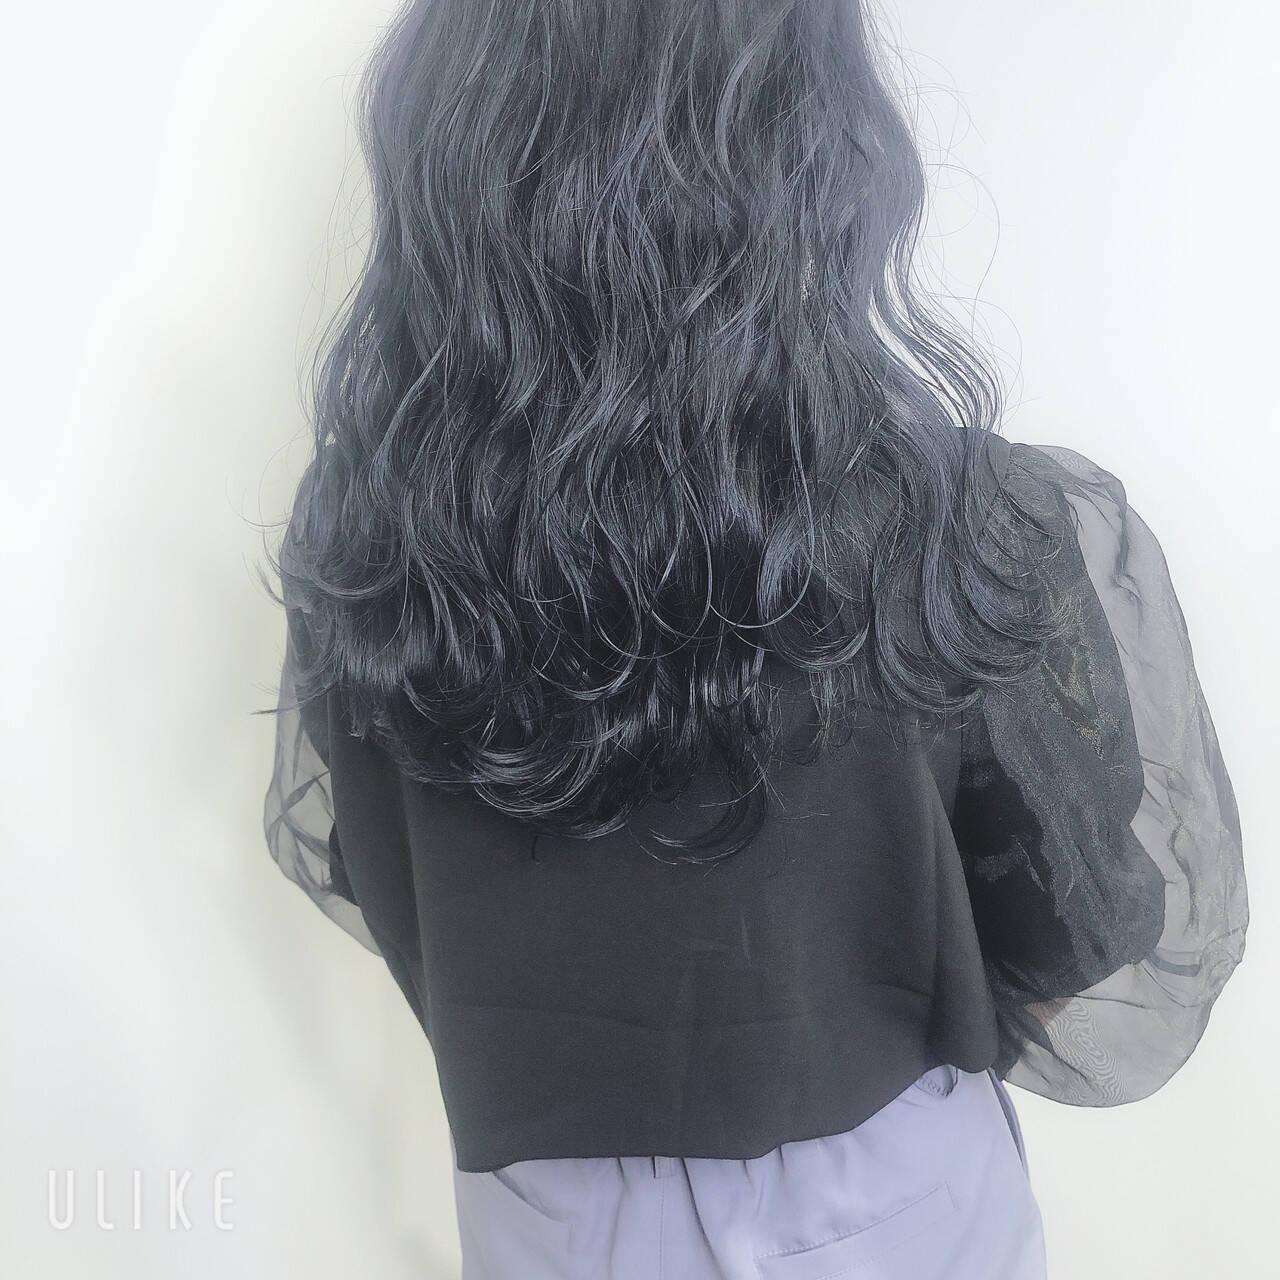 ダークアッシュ 暗髪 ダークカラー ブルージュヘアスタイルや髪型の写真・画像